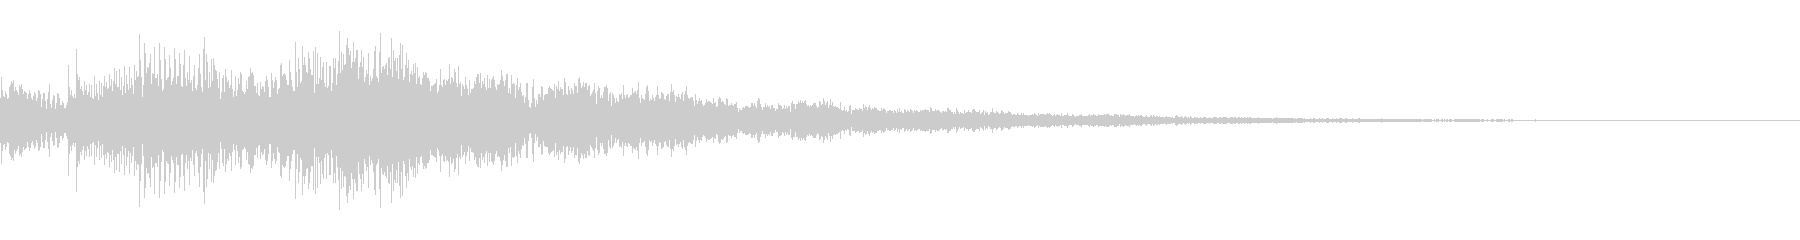 注意喚起音の未再生の波形